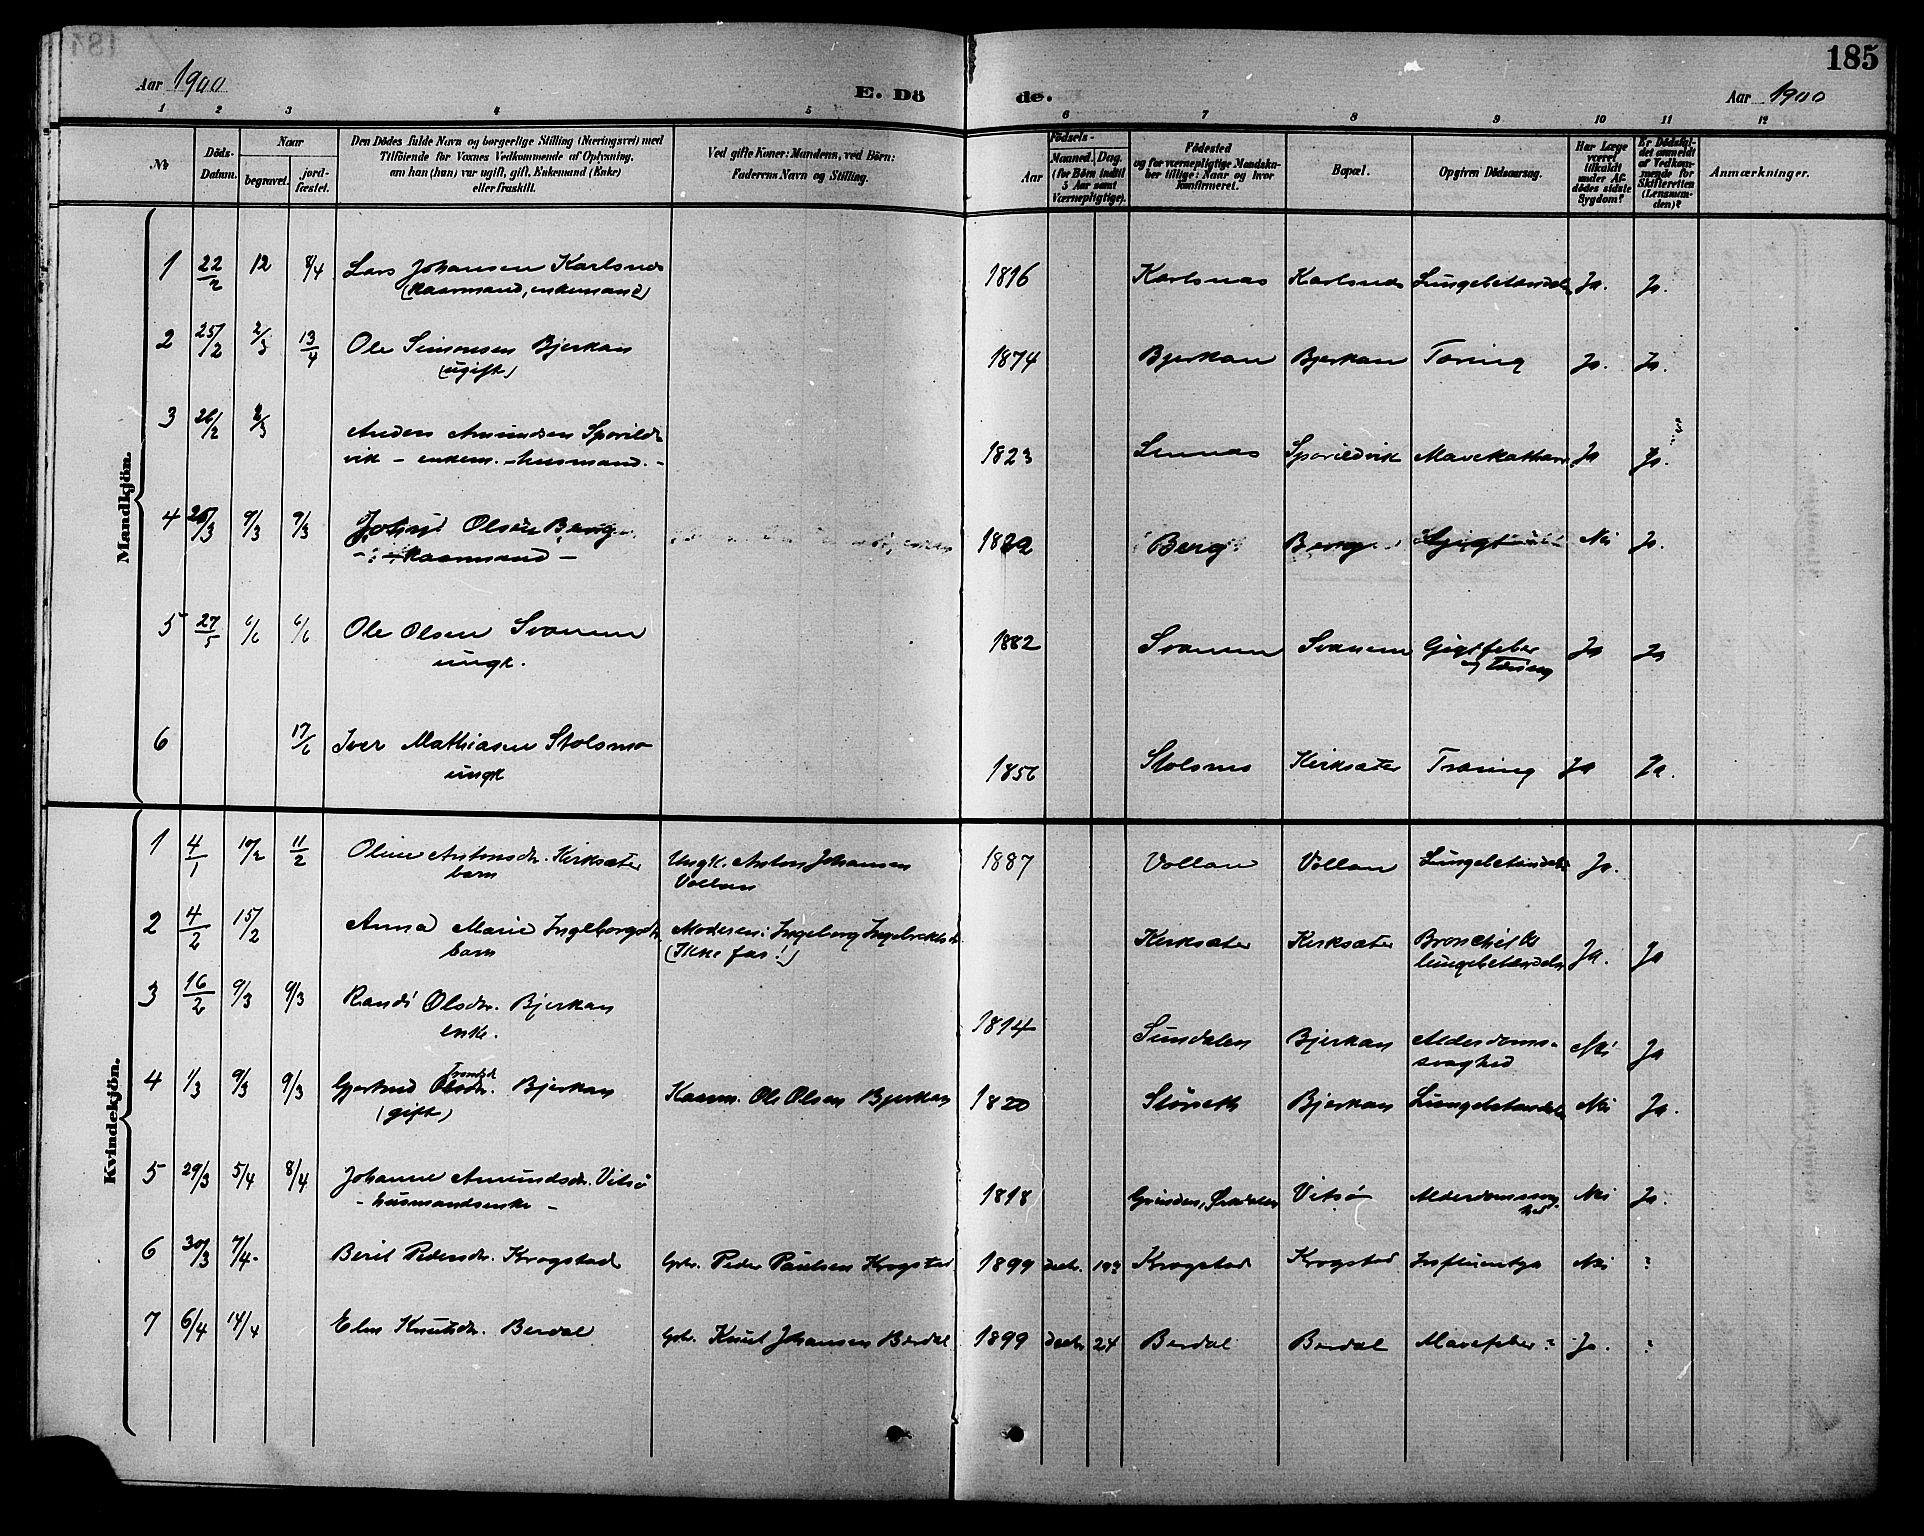 SAT, Ministerialprotokoller, klokkerbøker og fødselsregistre - Sør-Trøndelag, 630/L0505: Klokkerbok nr. 630C03, 1899-1914, s. 185